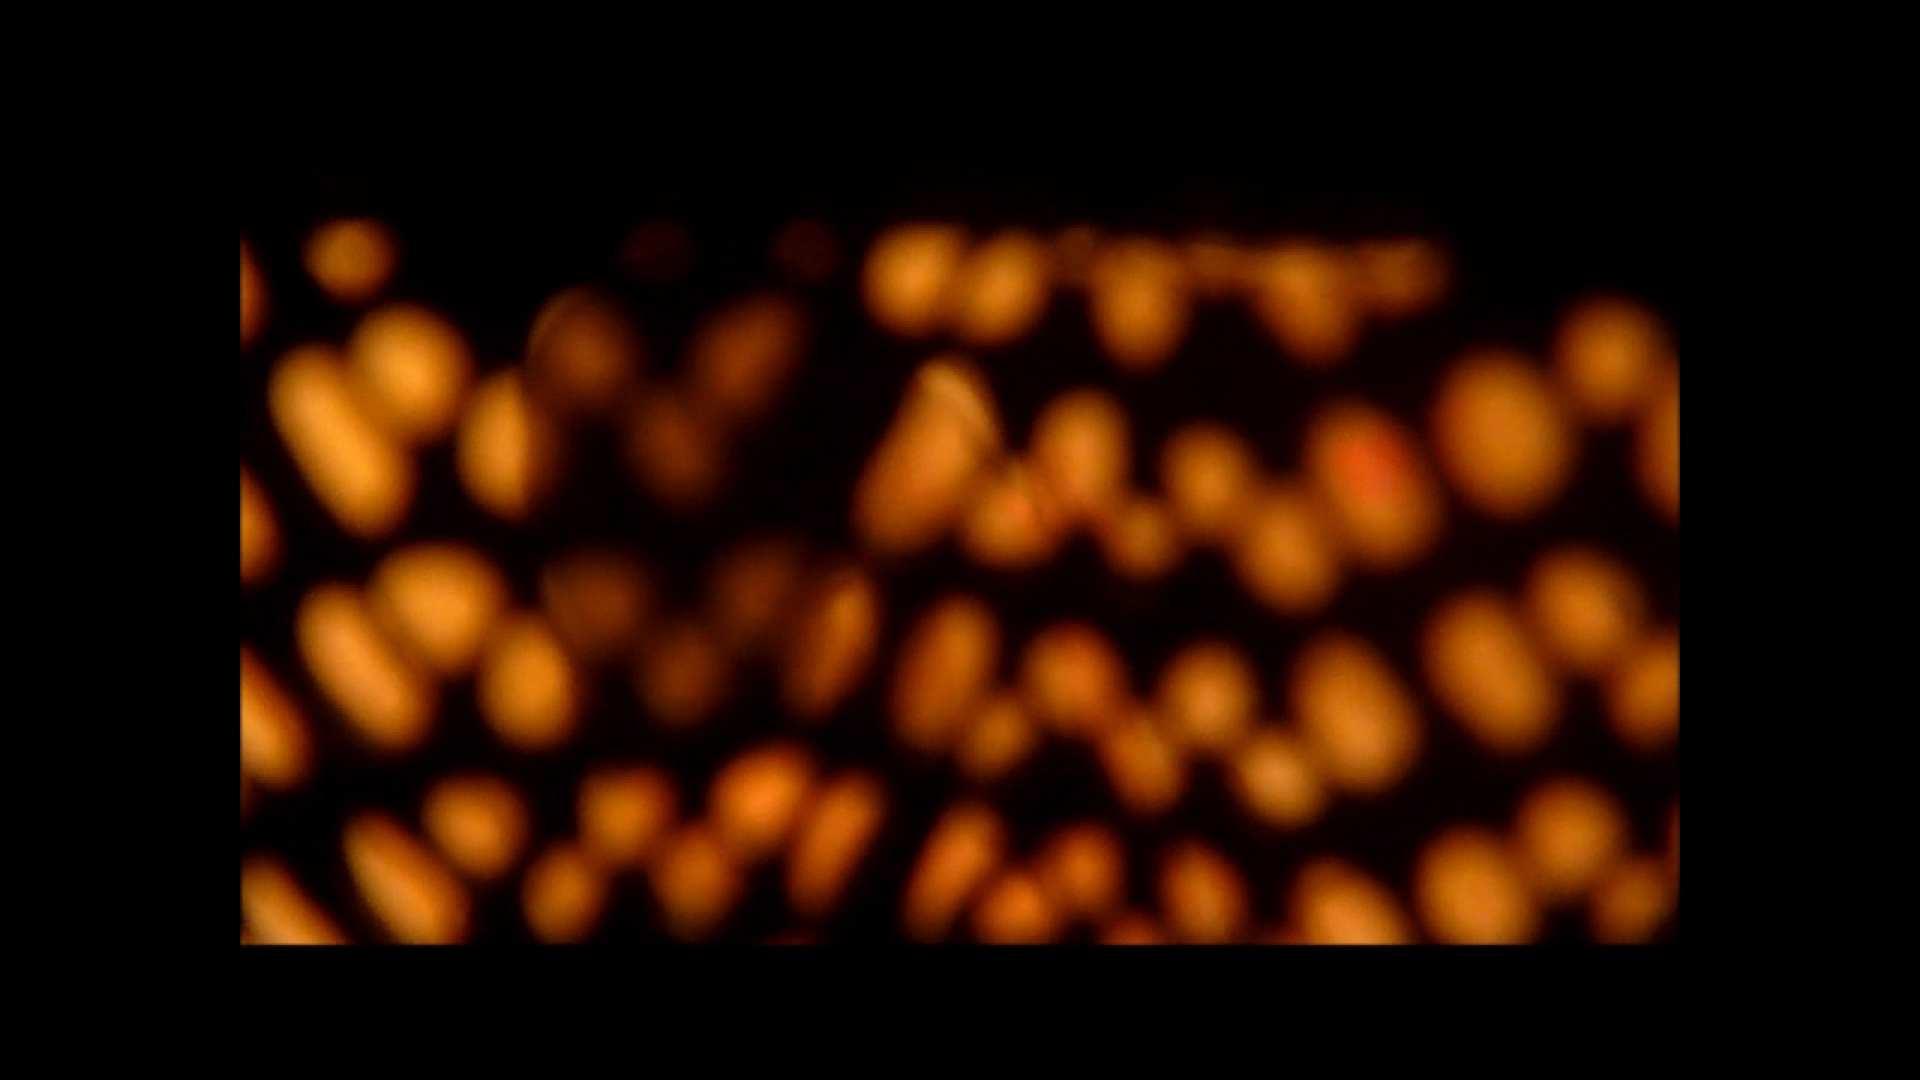 【02】ベランダに侵入して張り込みを始めて・・・やっと結果が出ました。 覗き ヌード画像 79pic 44